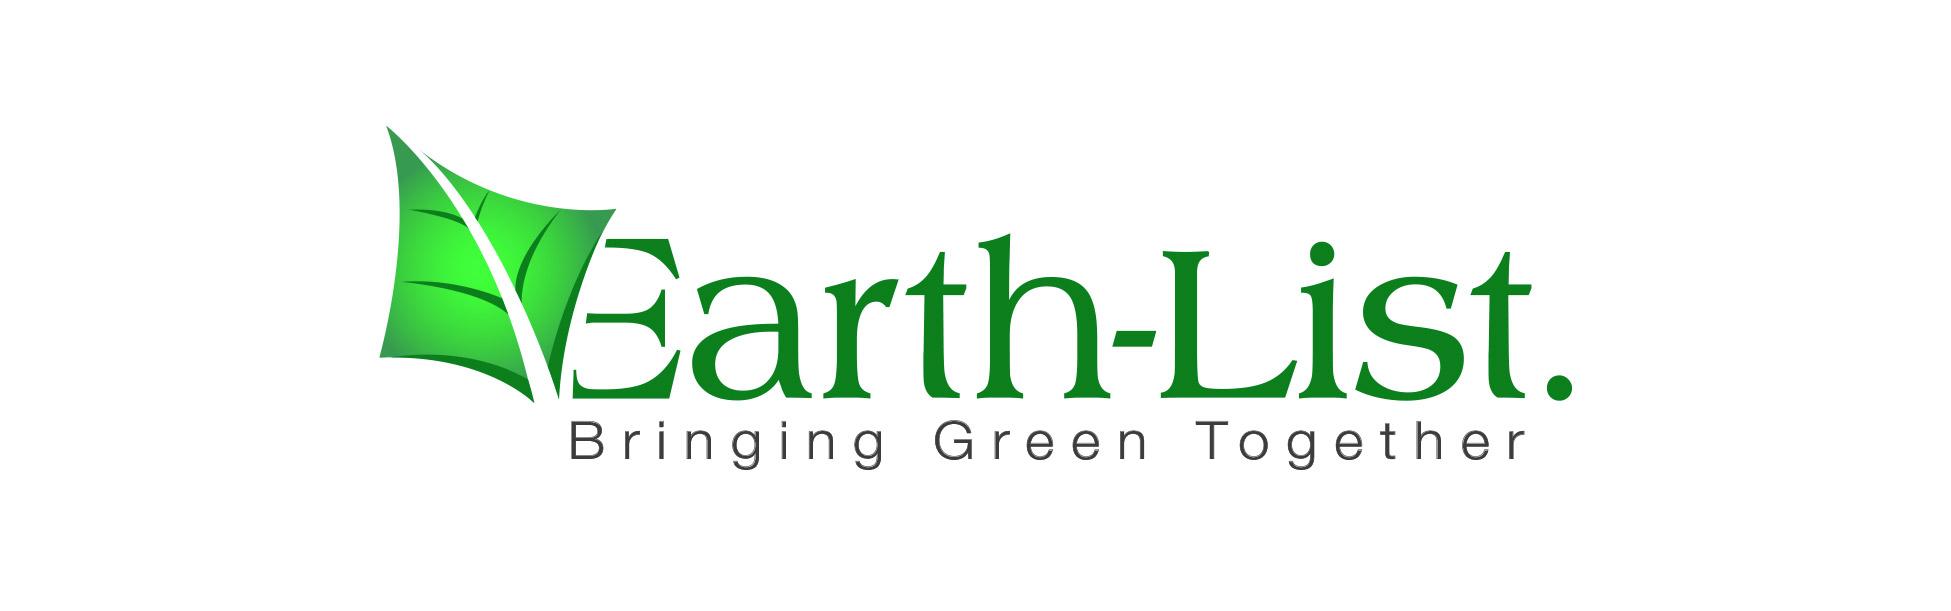 logo_white_bkgd.jpg